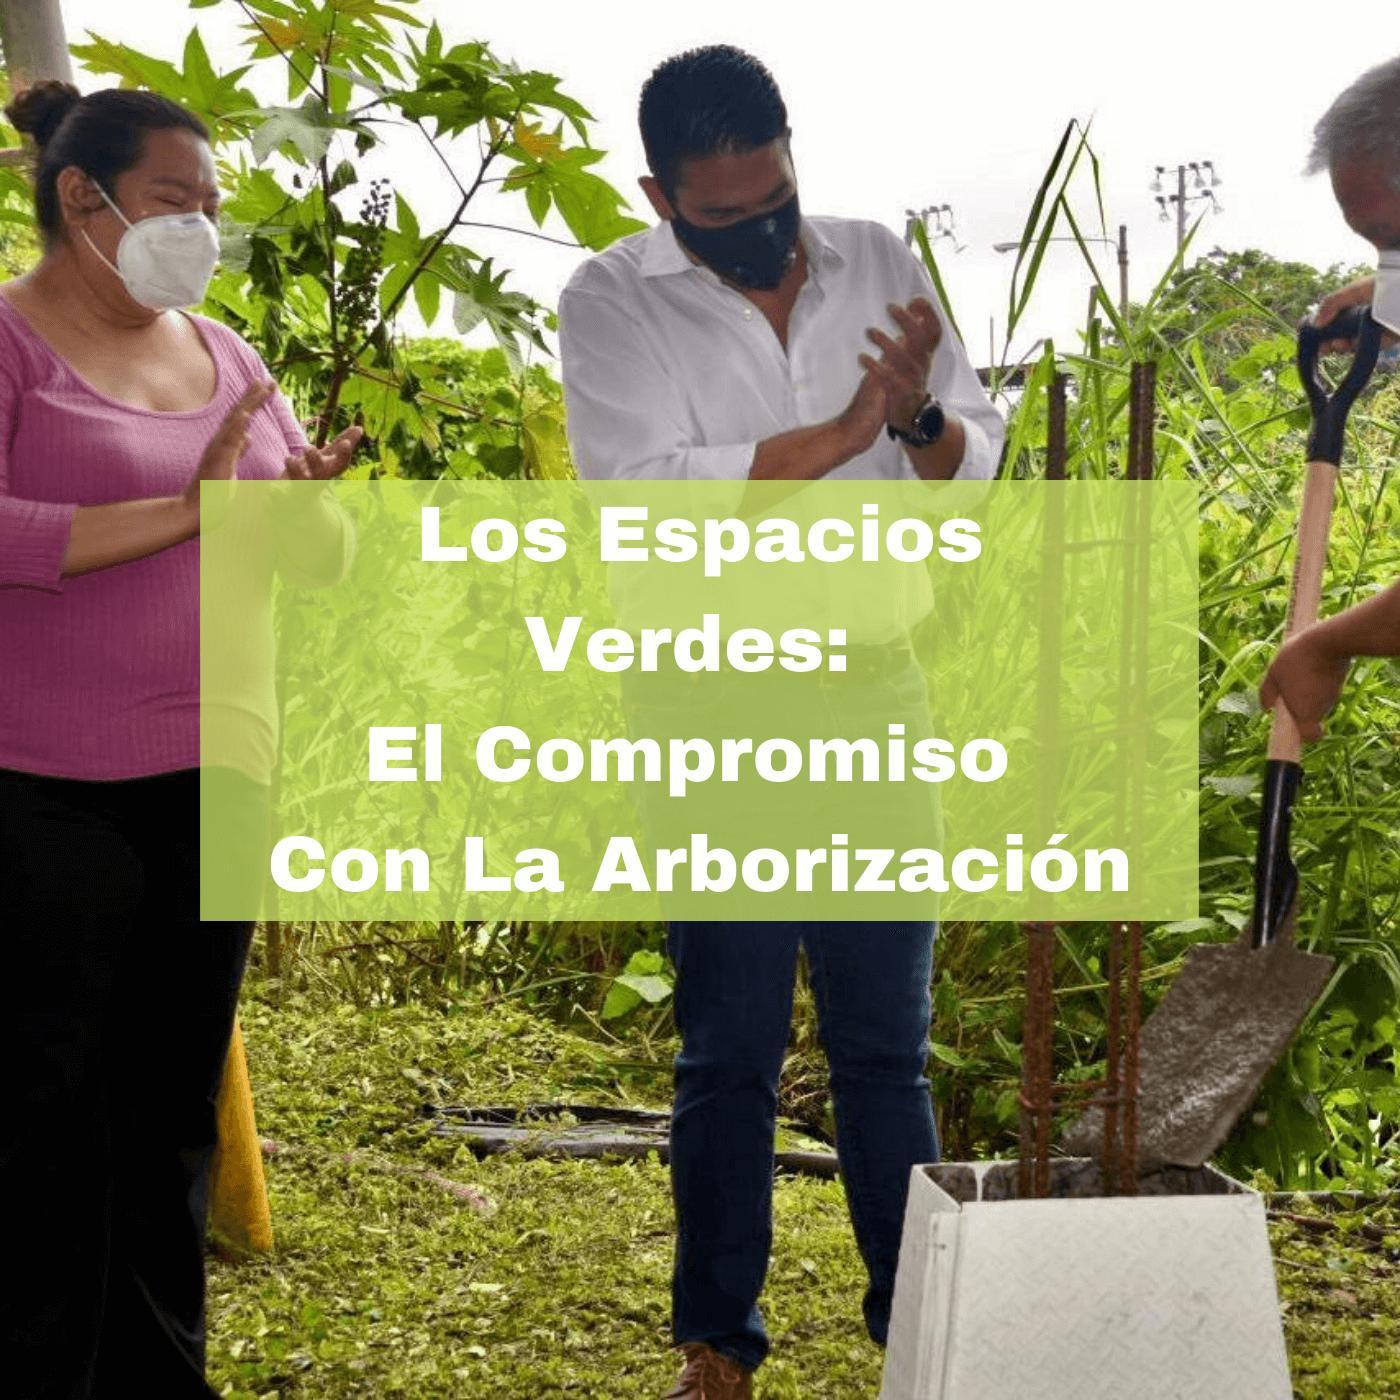 Los Espacios Verdes El Compromiso Con La Arborización. Foto portada. Infografía. Roberto d'Aubuisson. 2021